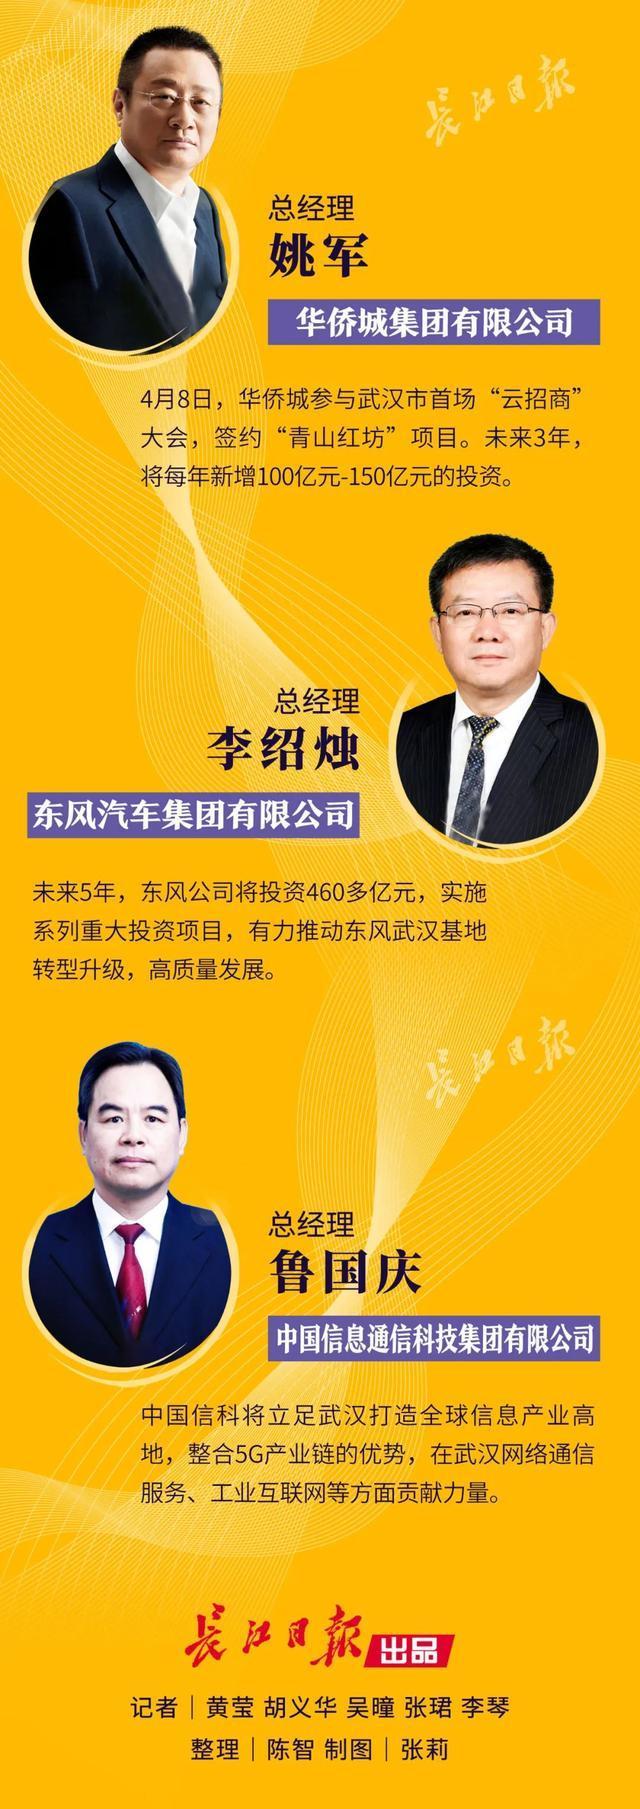 大格局!在武汉,中央企业公会要那么干 第9张